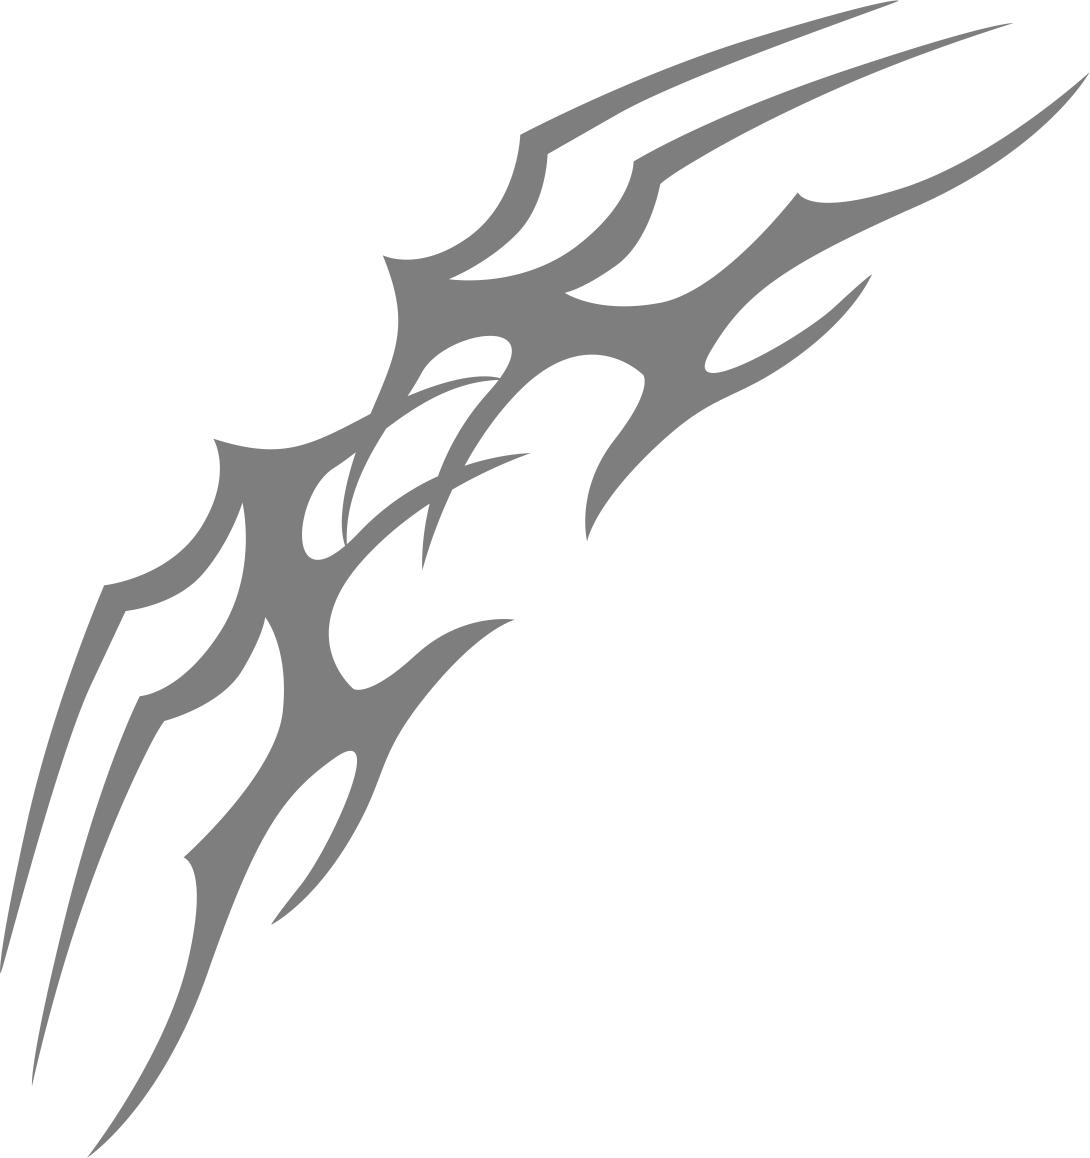 Tribal Tattoo Design Free CDR Vectors Art